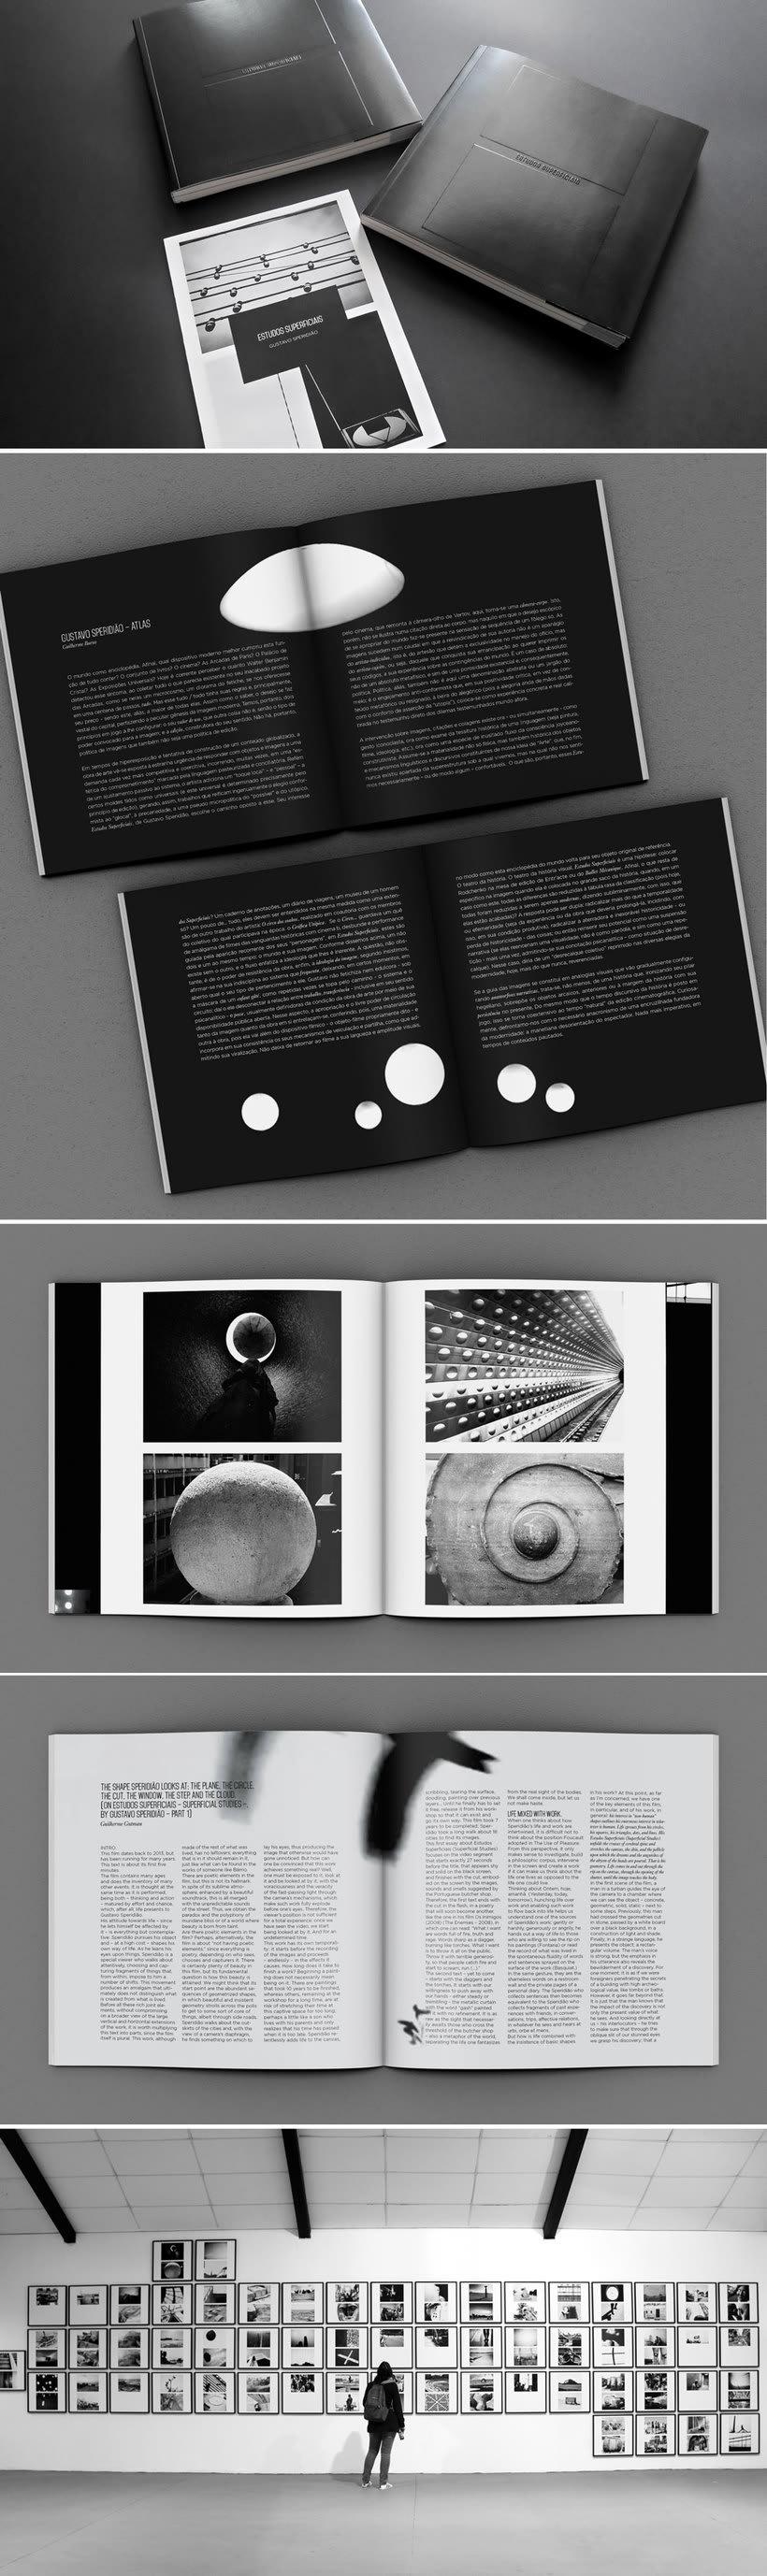 Estudos Superficiais | Catálogo de la exposición de Gustavo Speridião 0